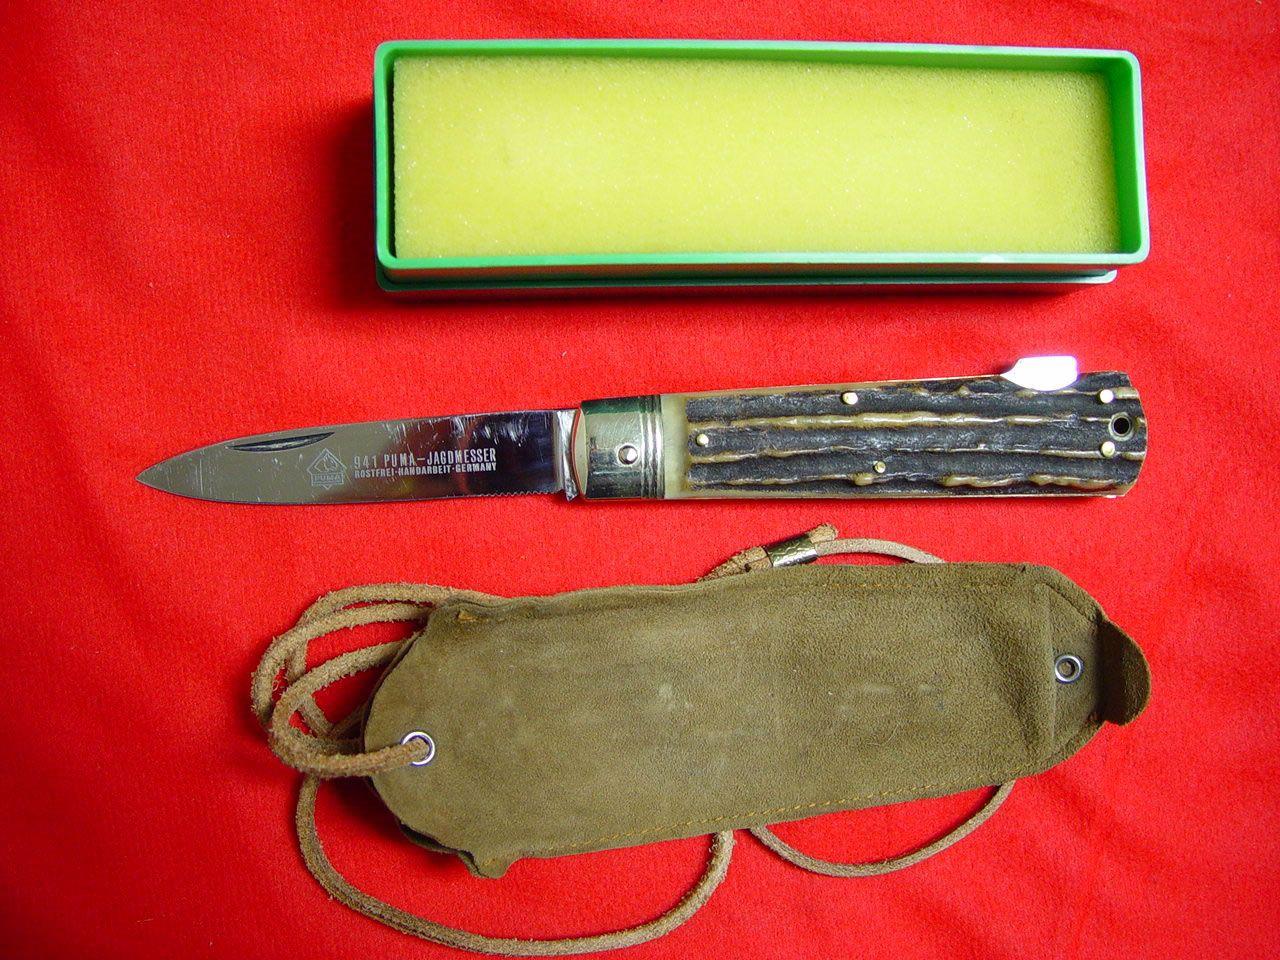 puma jagdmesser knife - Google Search